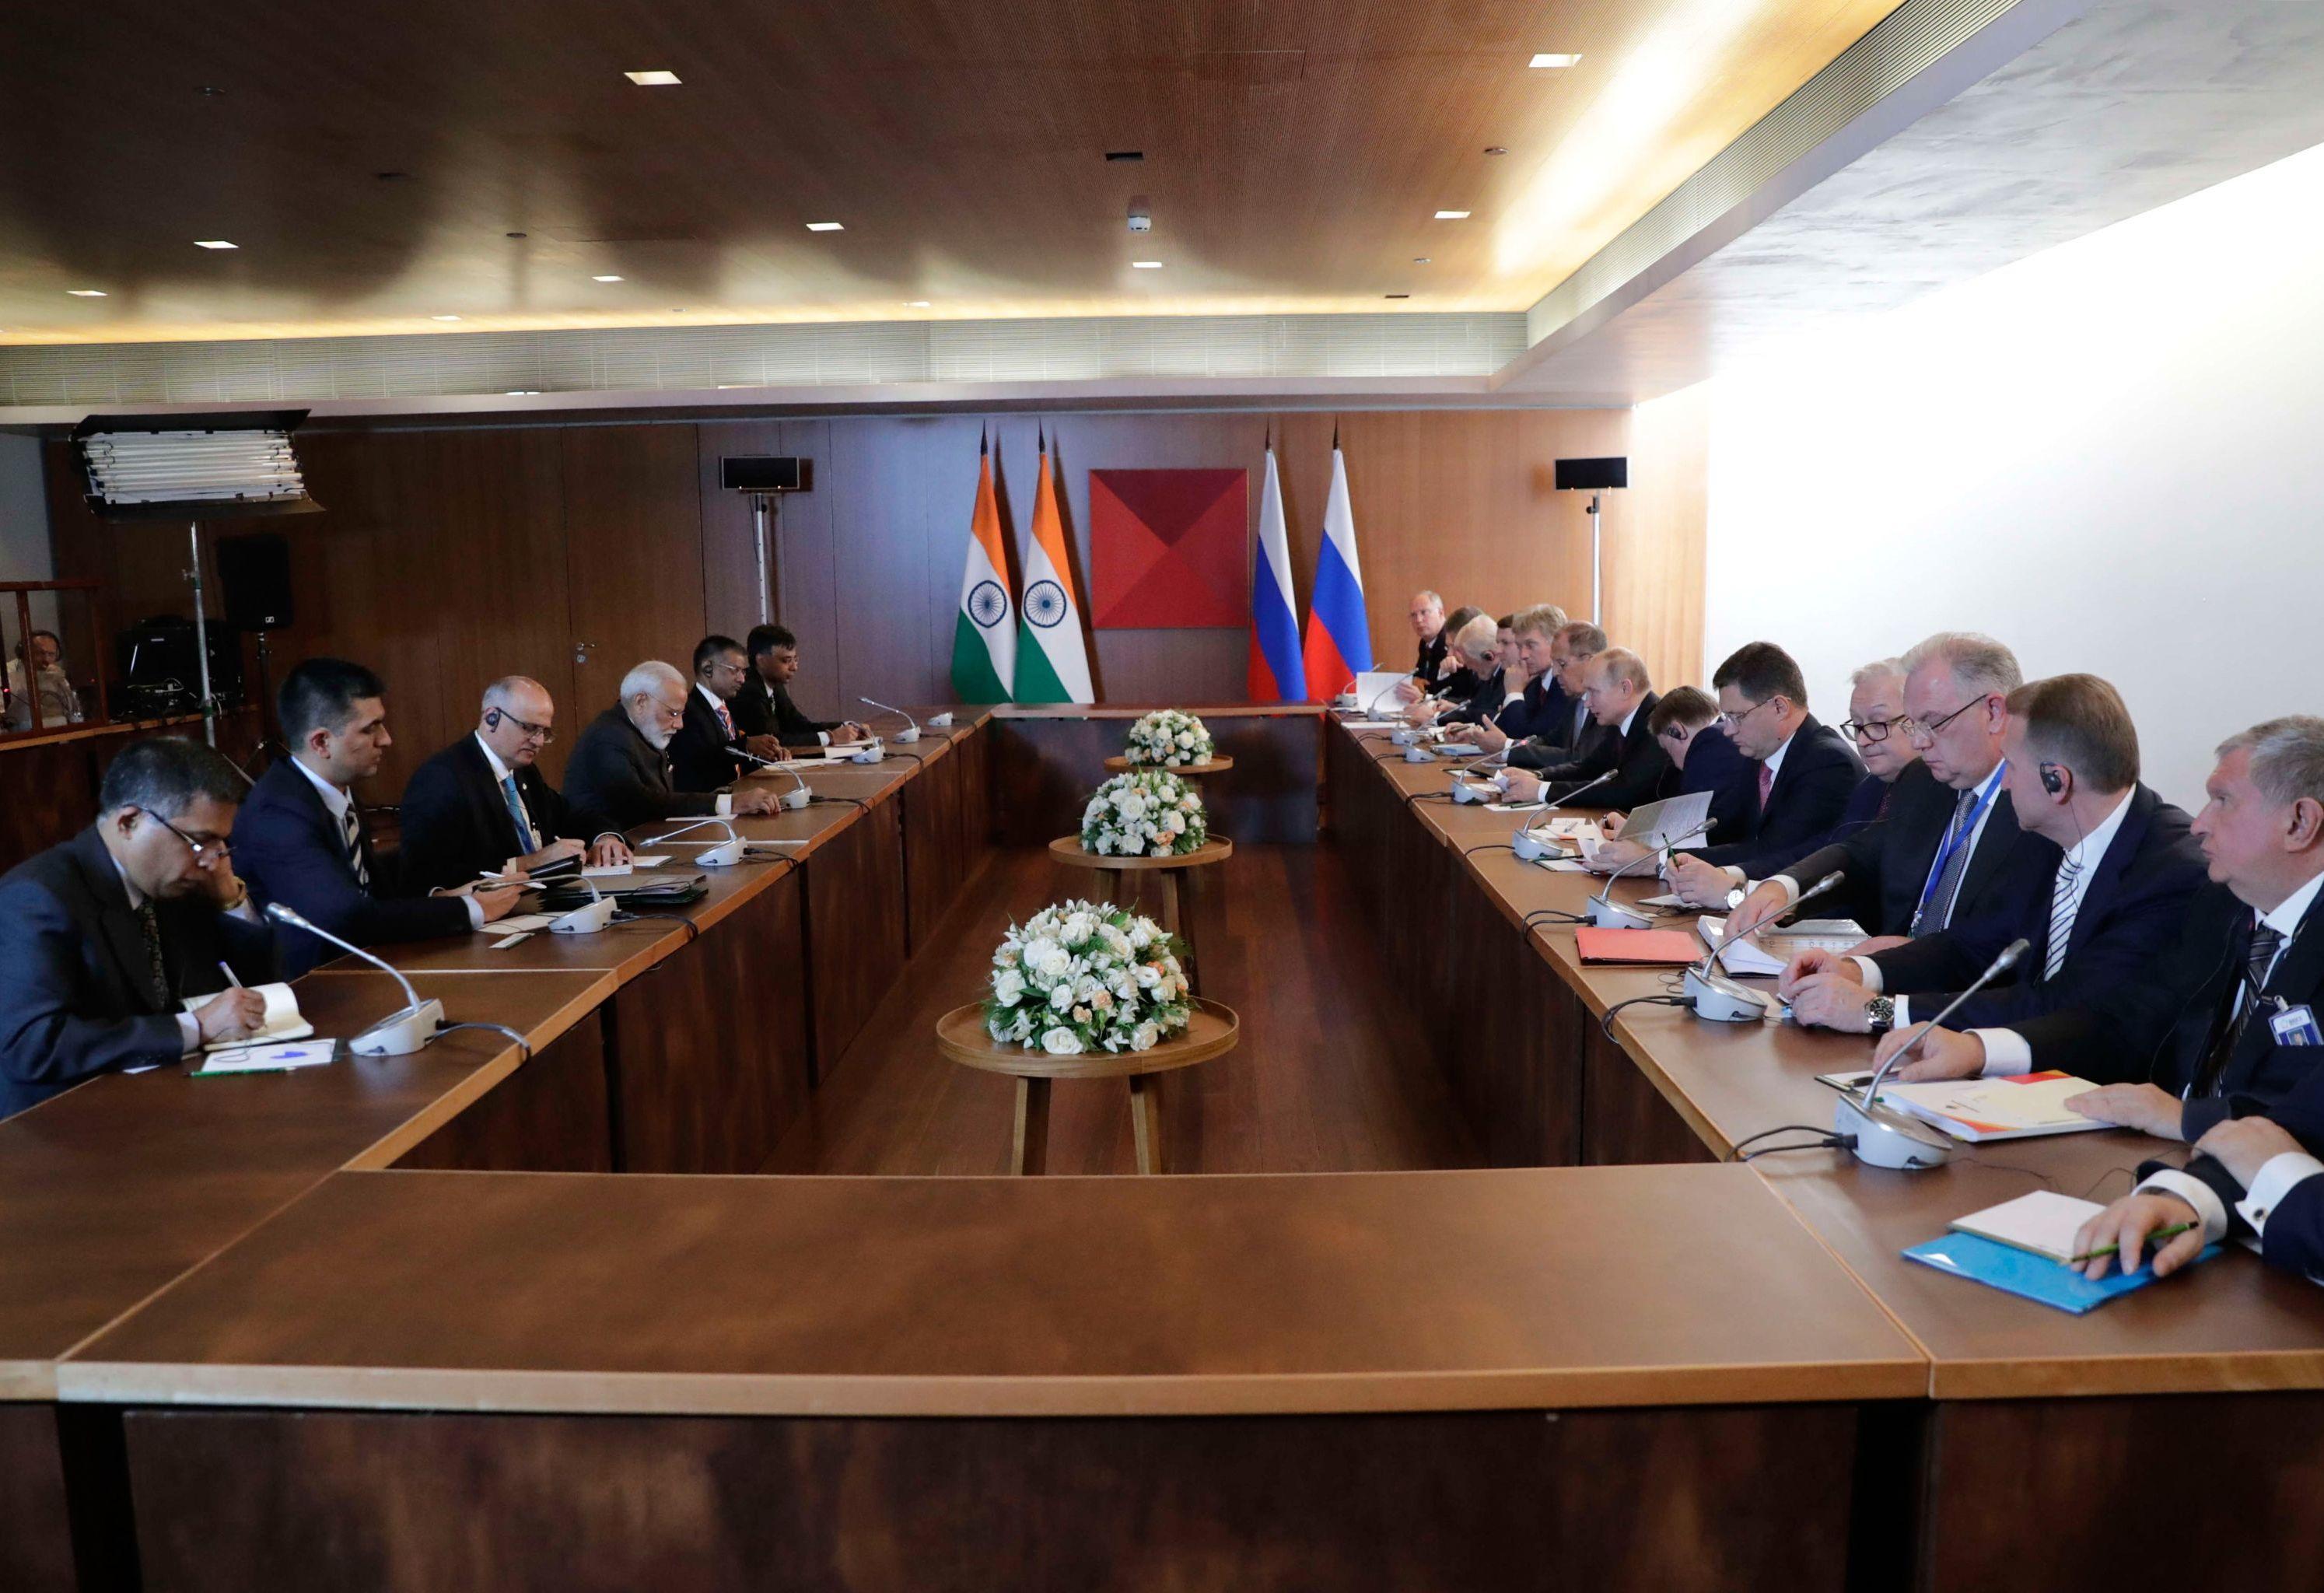 L'incontro tra la delegazione della Russia e la delegazione dell'India al vertice Brics